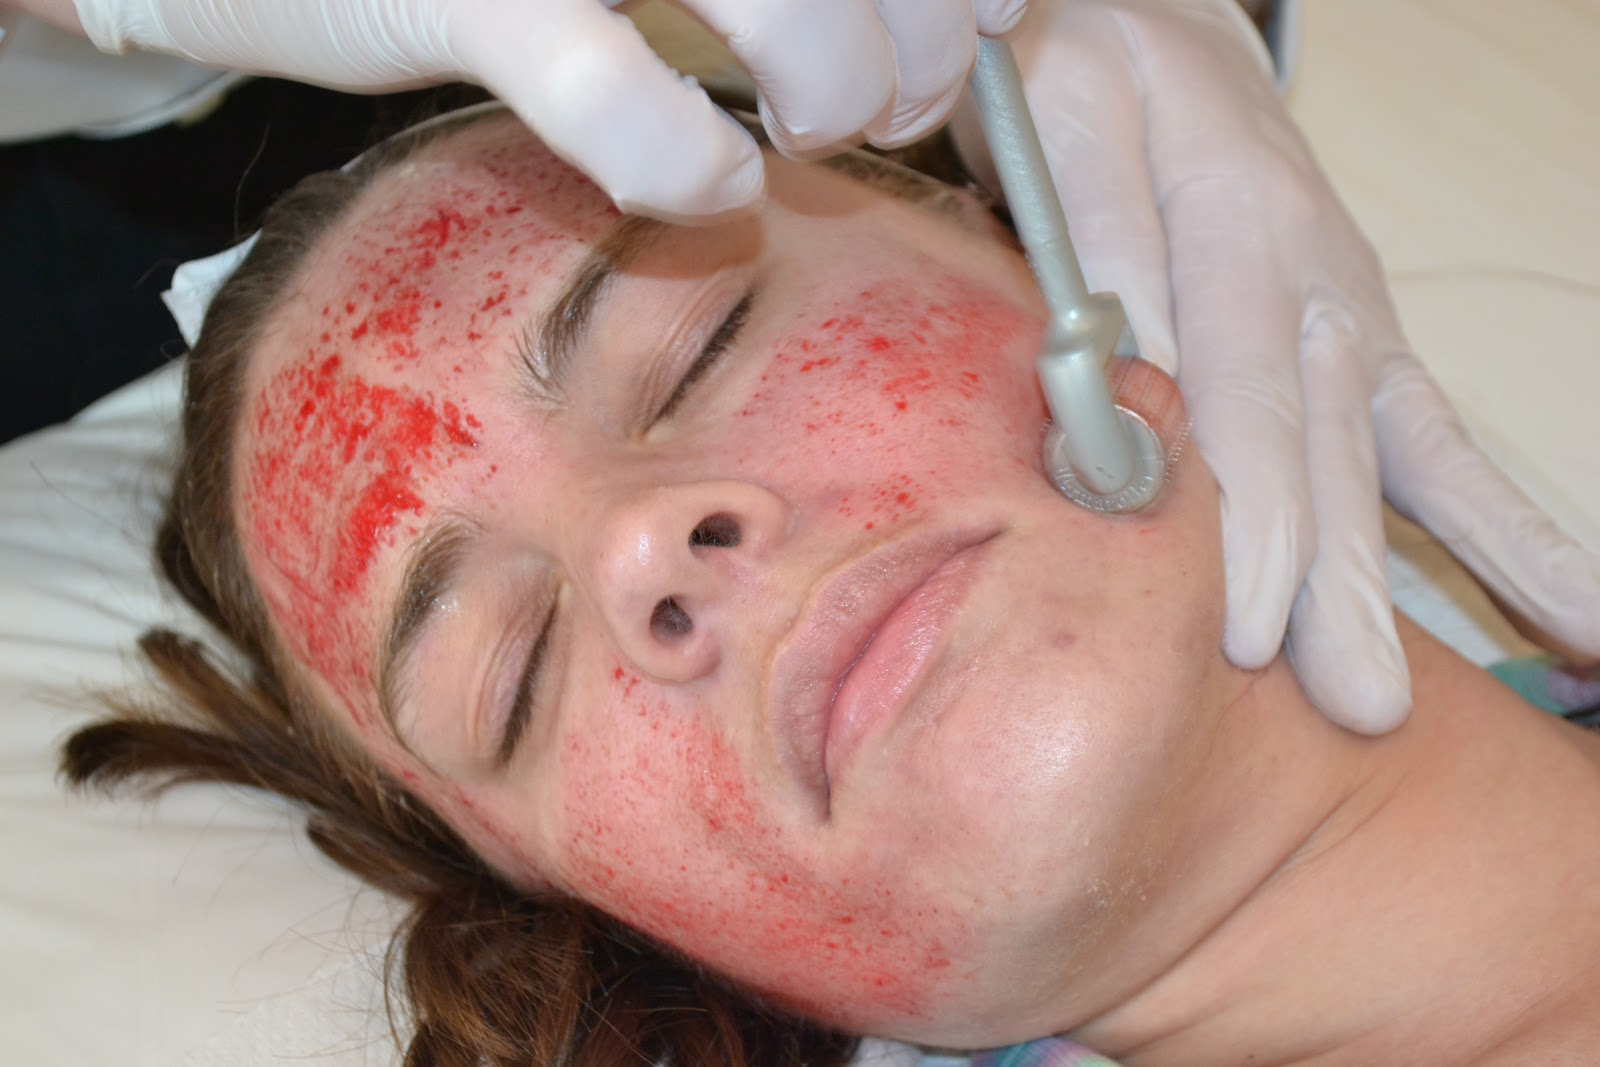 косметолог работает с медицинским мезороллером